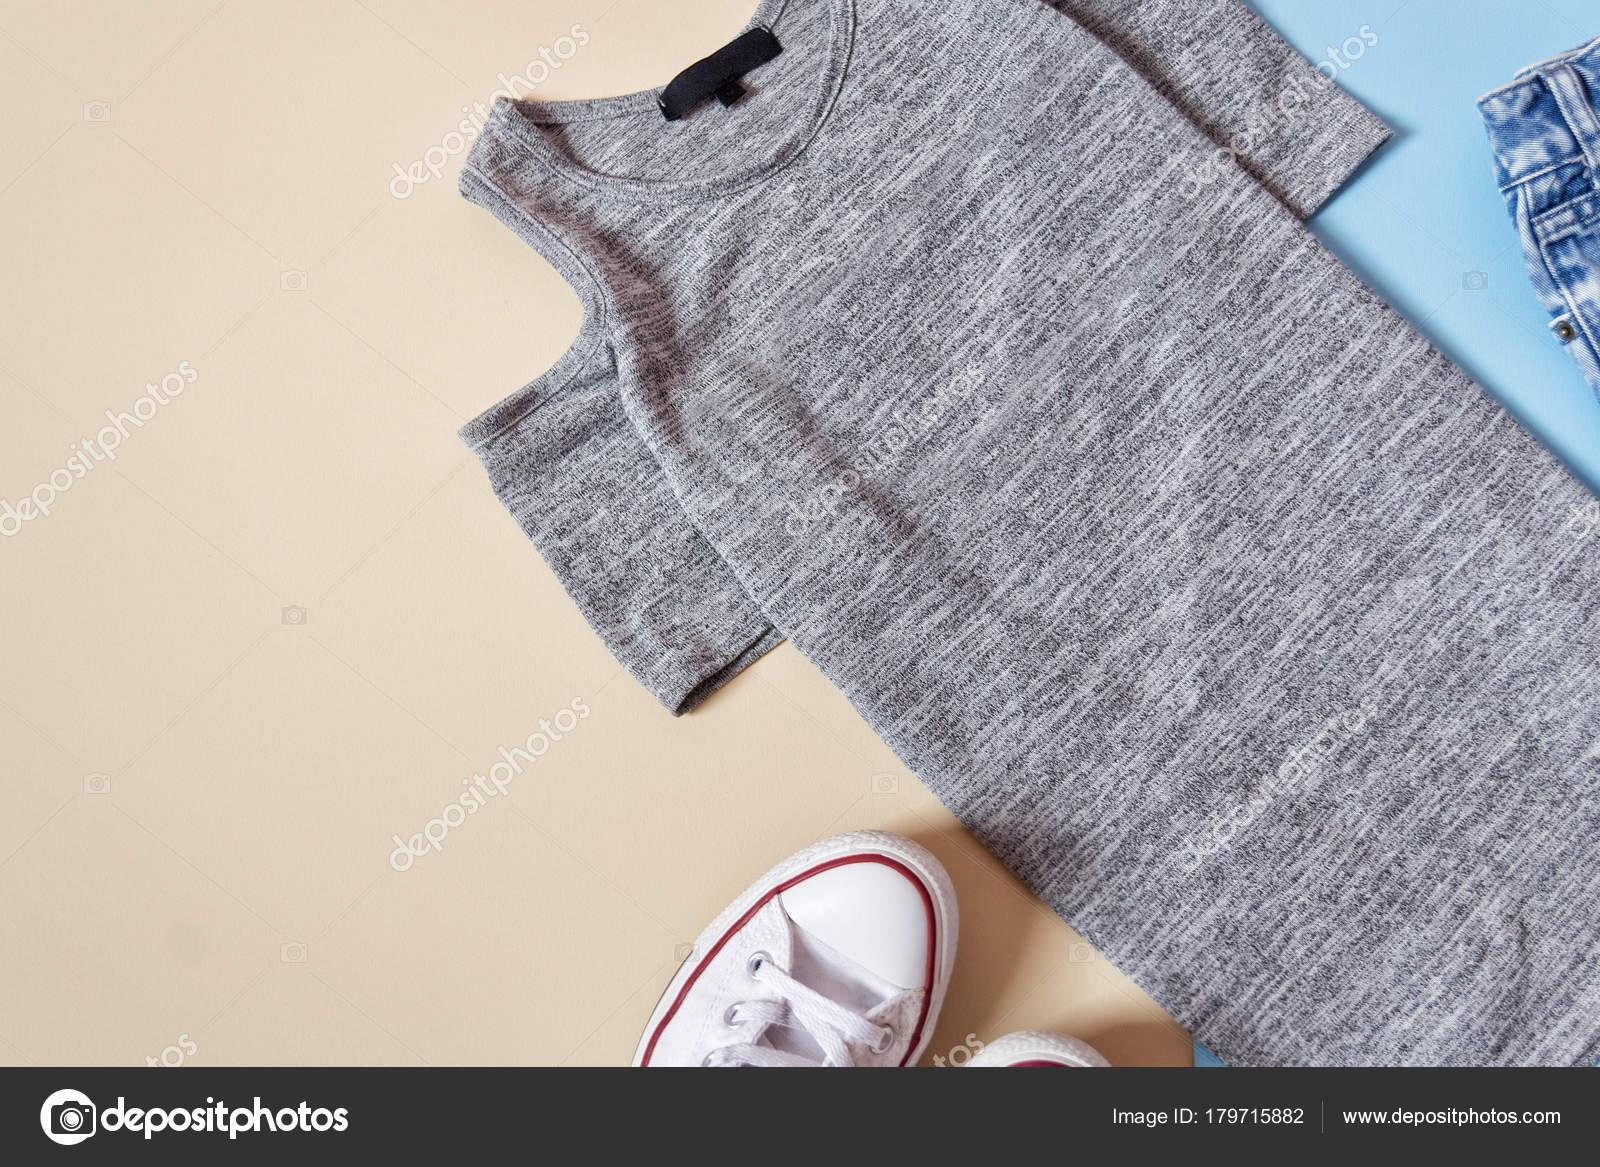 7dd826d8a3 Conceito de moda. Estilo urbano feminino. Vestido cinza e tênis branco  sobre um fundo